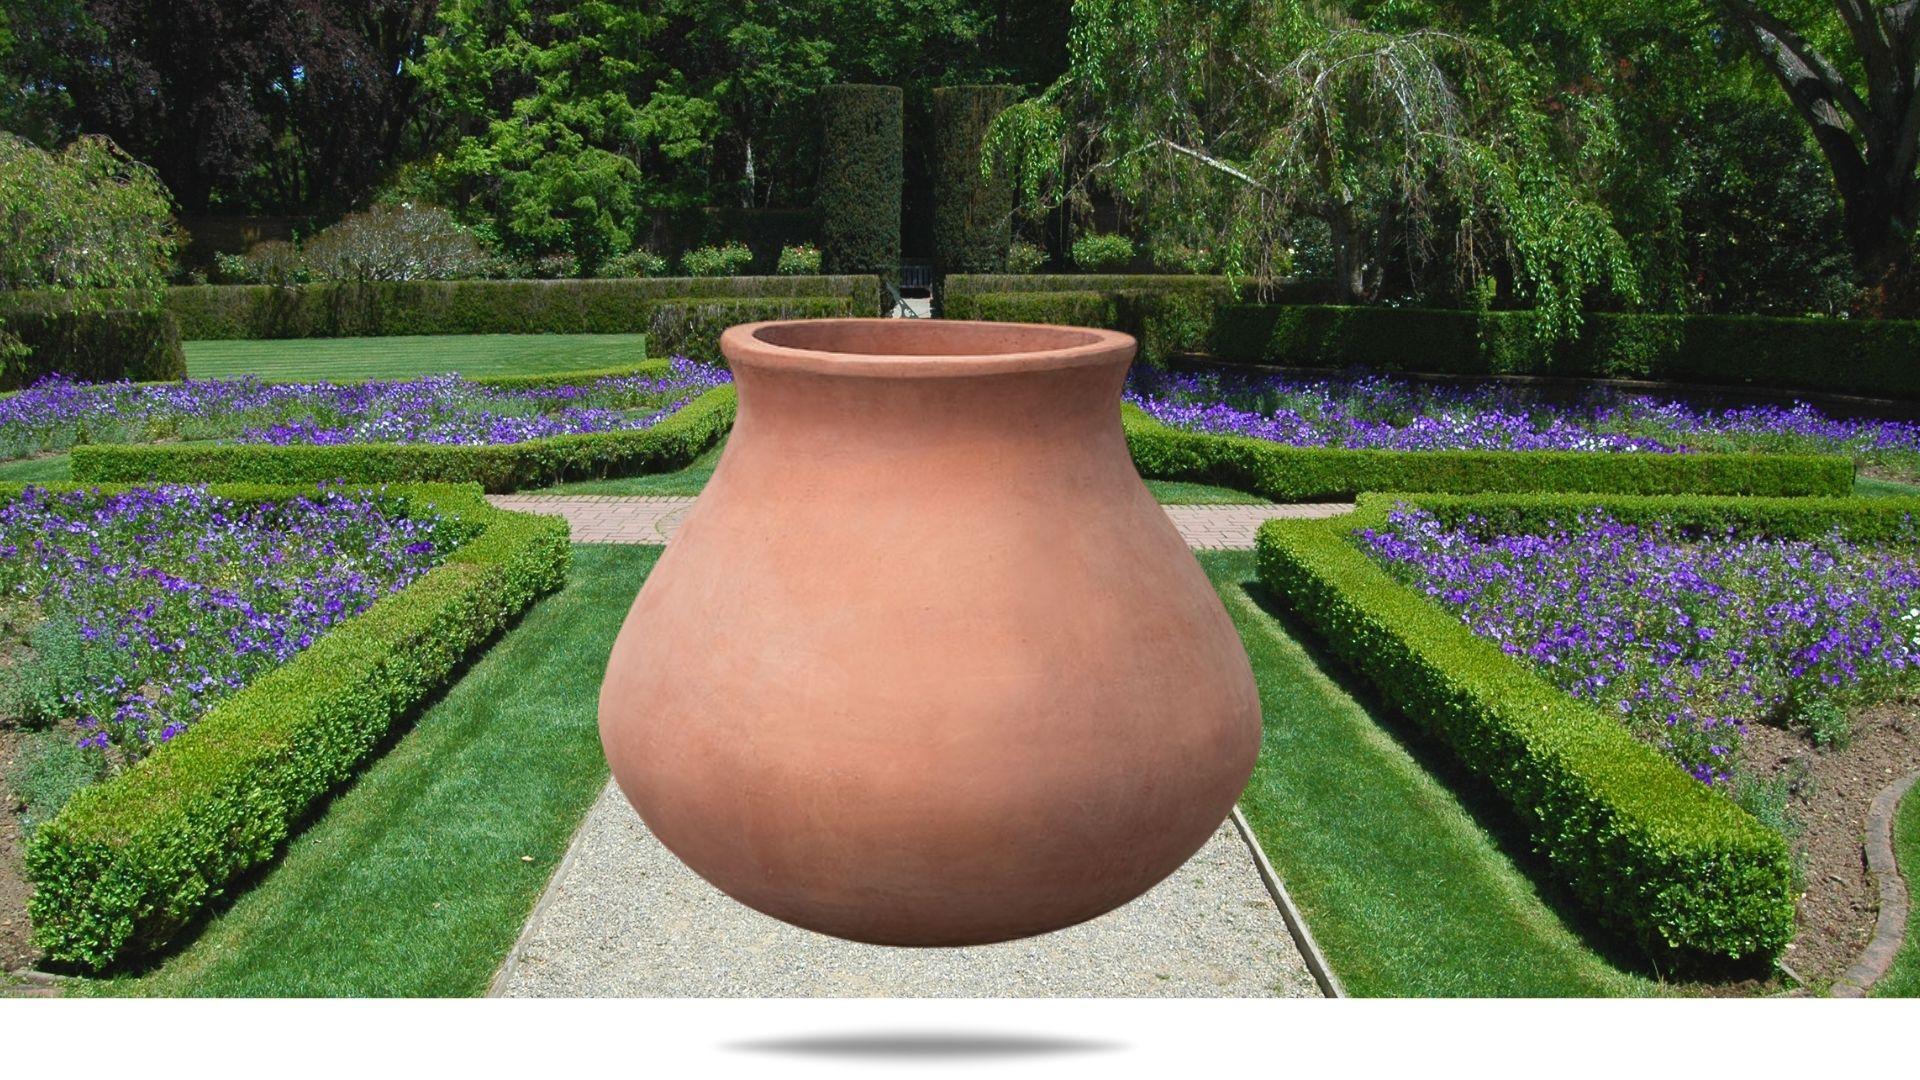 venasque-jar-planter campania terracotta